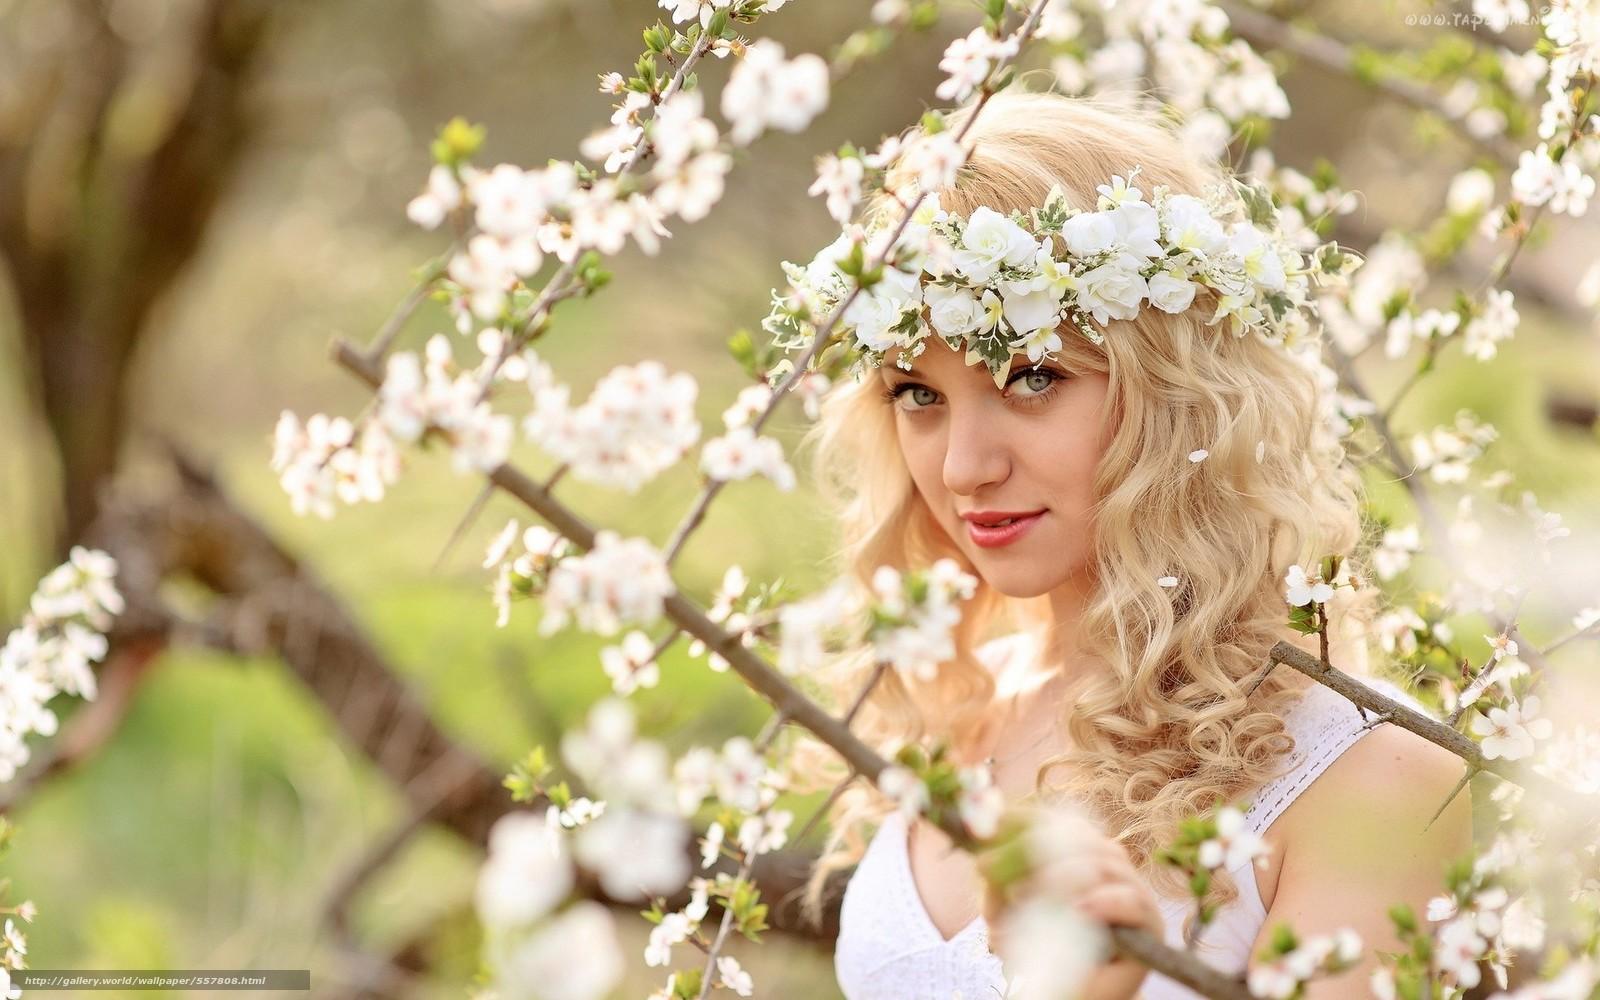 pobra tapety dziewczyna,  Kwiaty,  ogród Darmowe tapety na pulpit rozdzielczoci 1920x1200 — zdjcie №557808